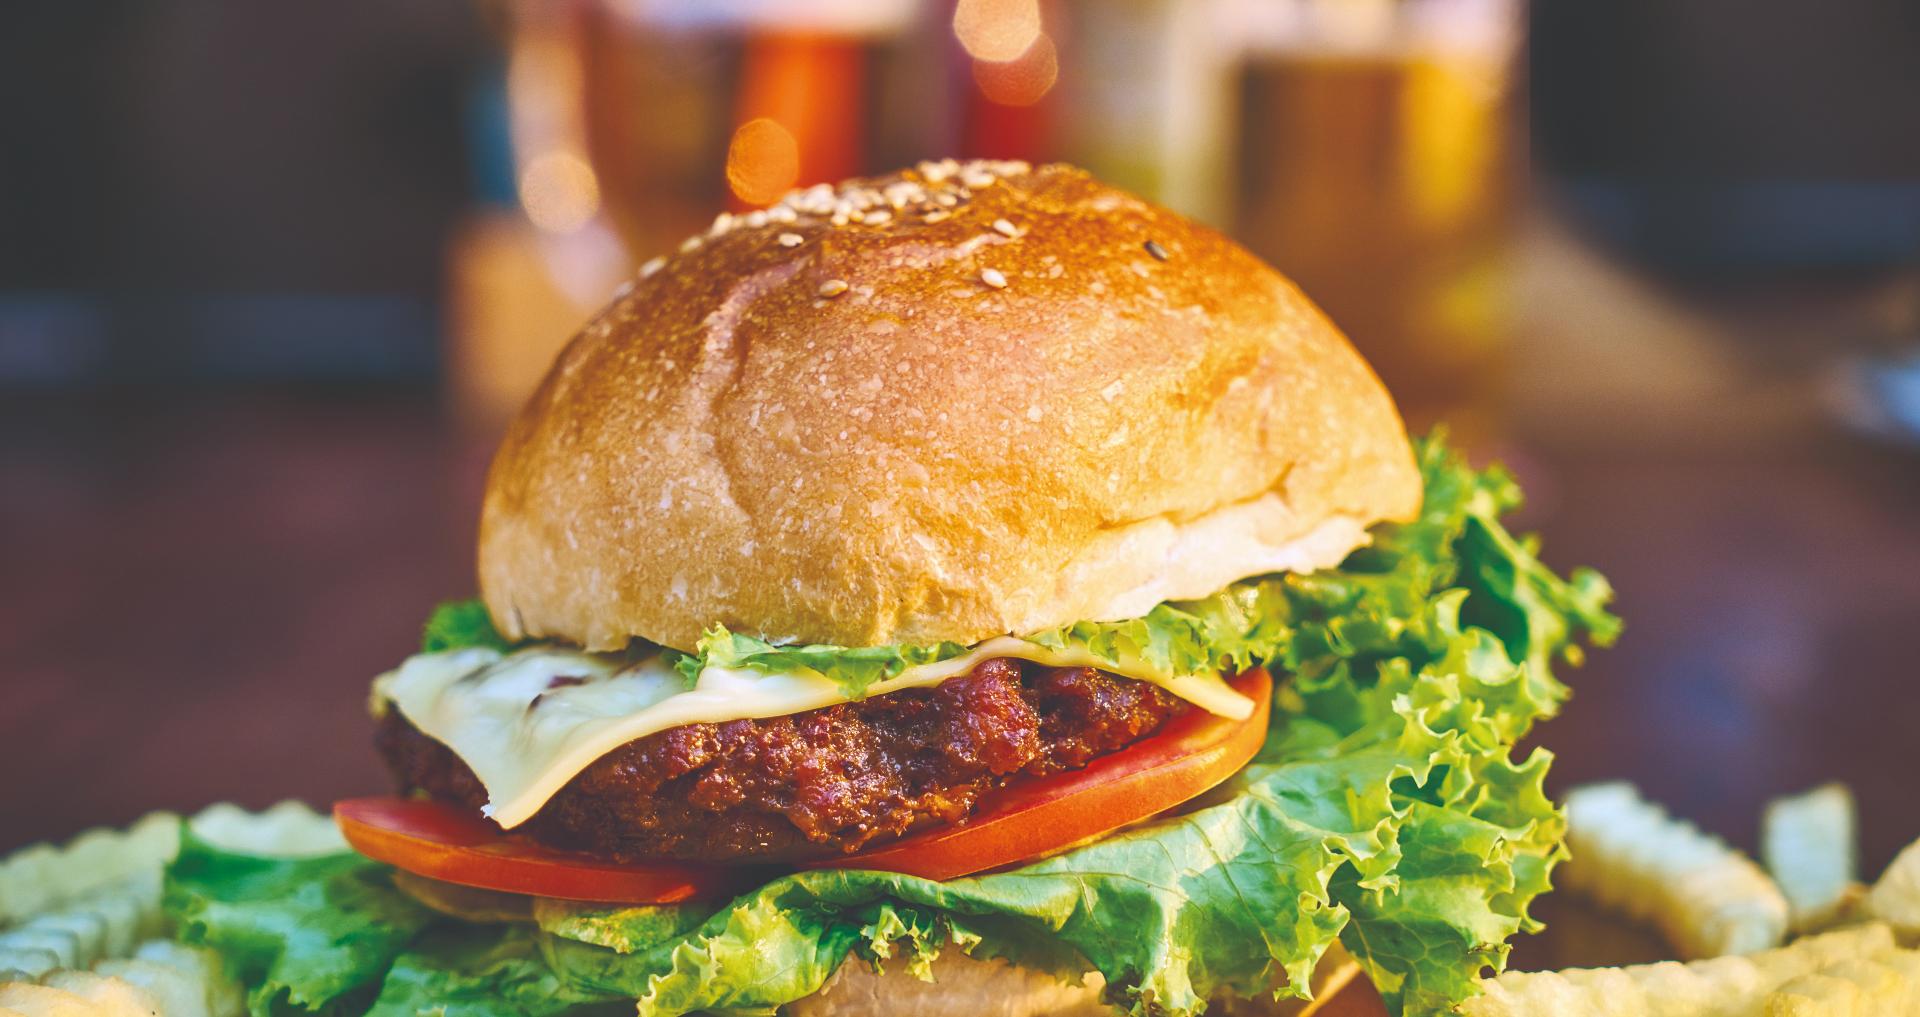 Bannière : Burger